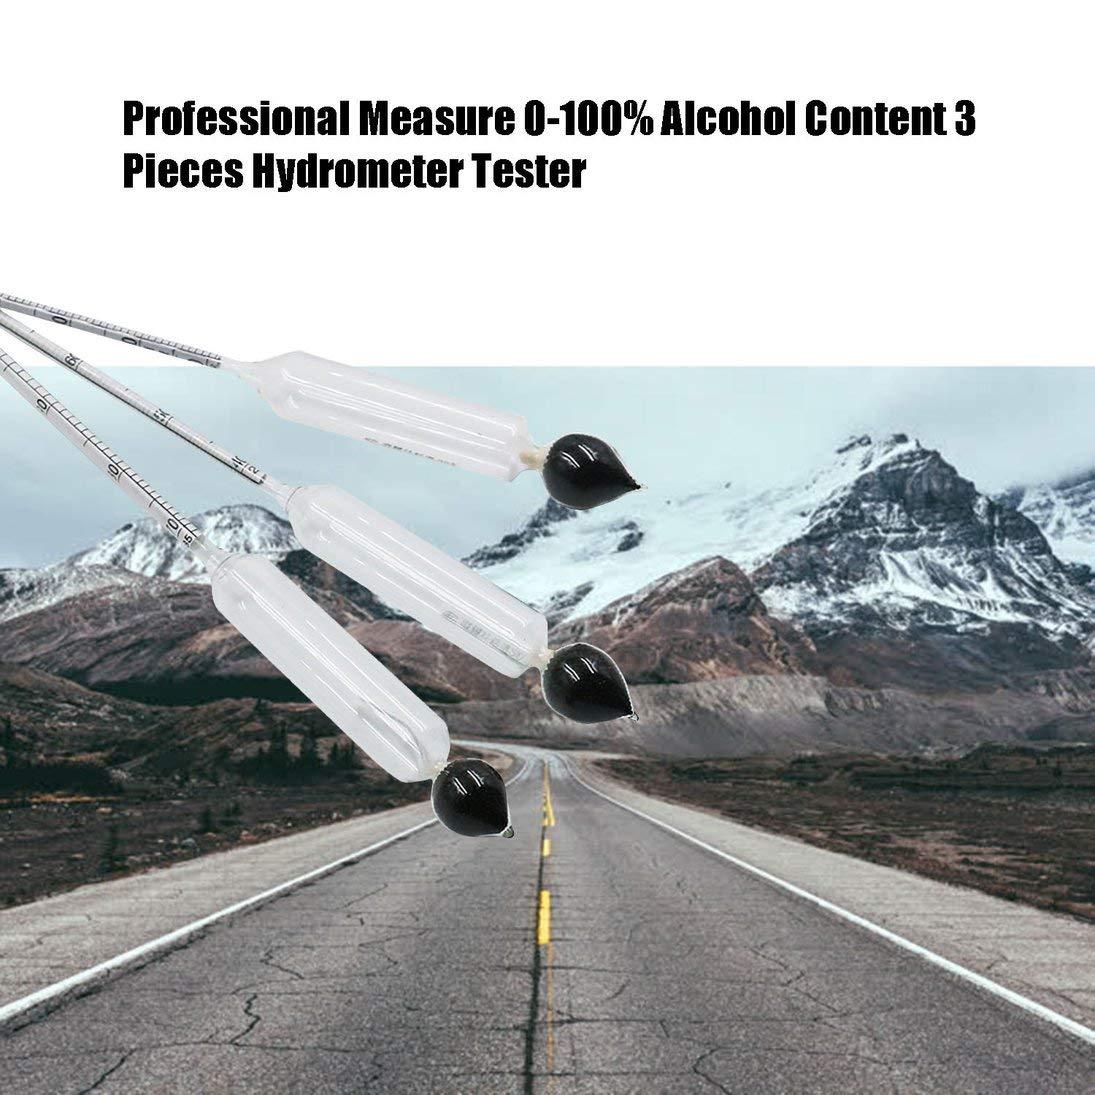 Mesure professionnelle 0-100/% de teneur en alcool 3 pi/èces Hydrom/ètre Testeur Thermom/ètre Set Instrument de mesure du vin ToGames-FR transparent